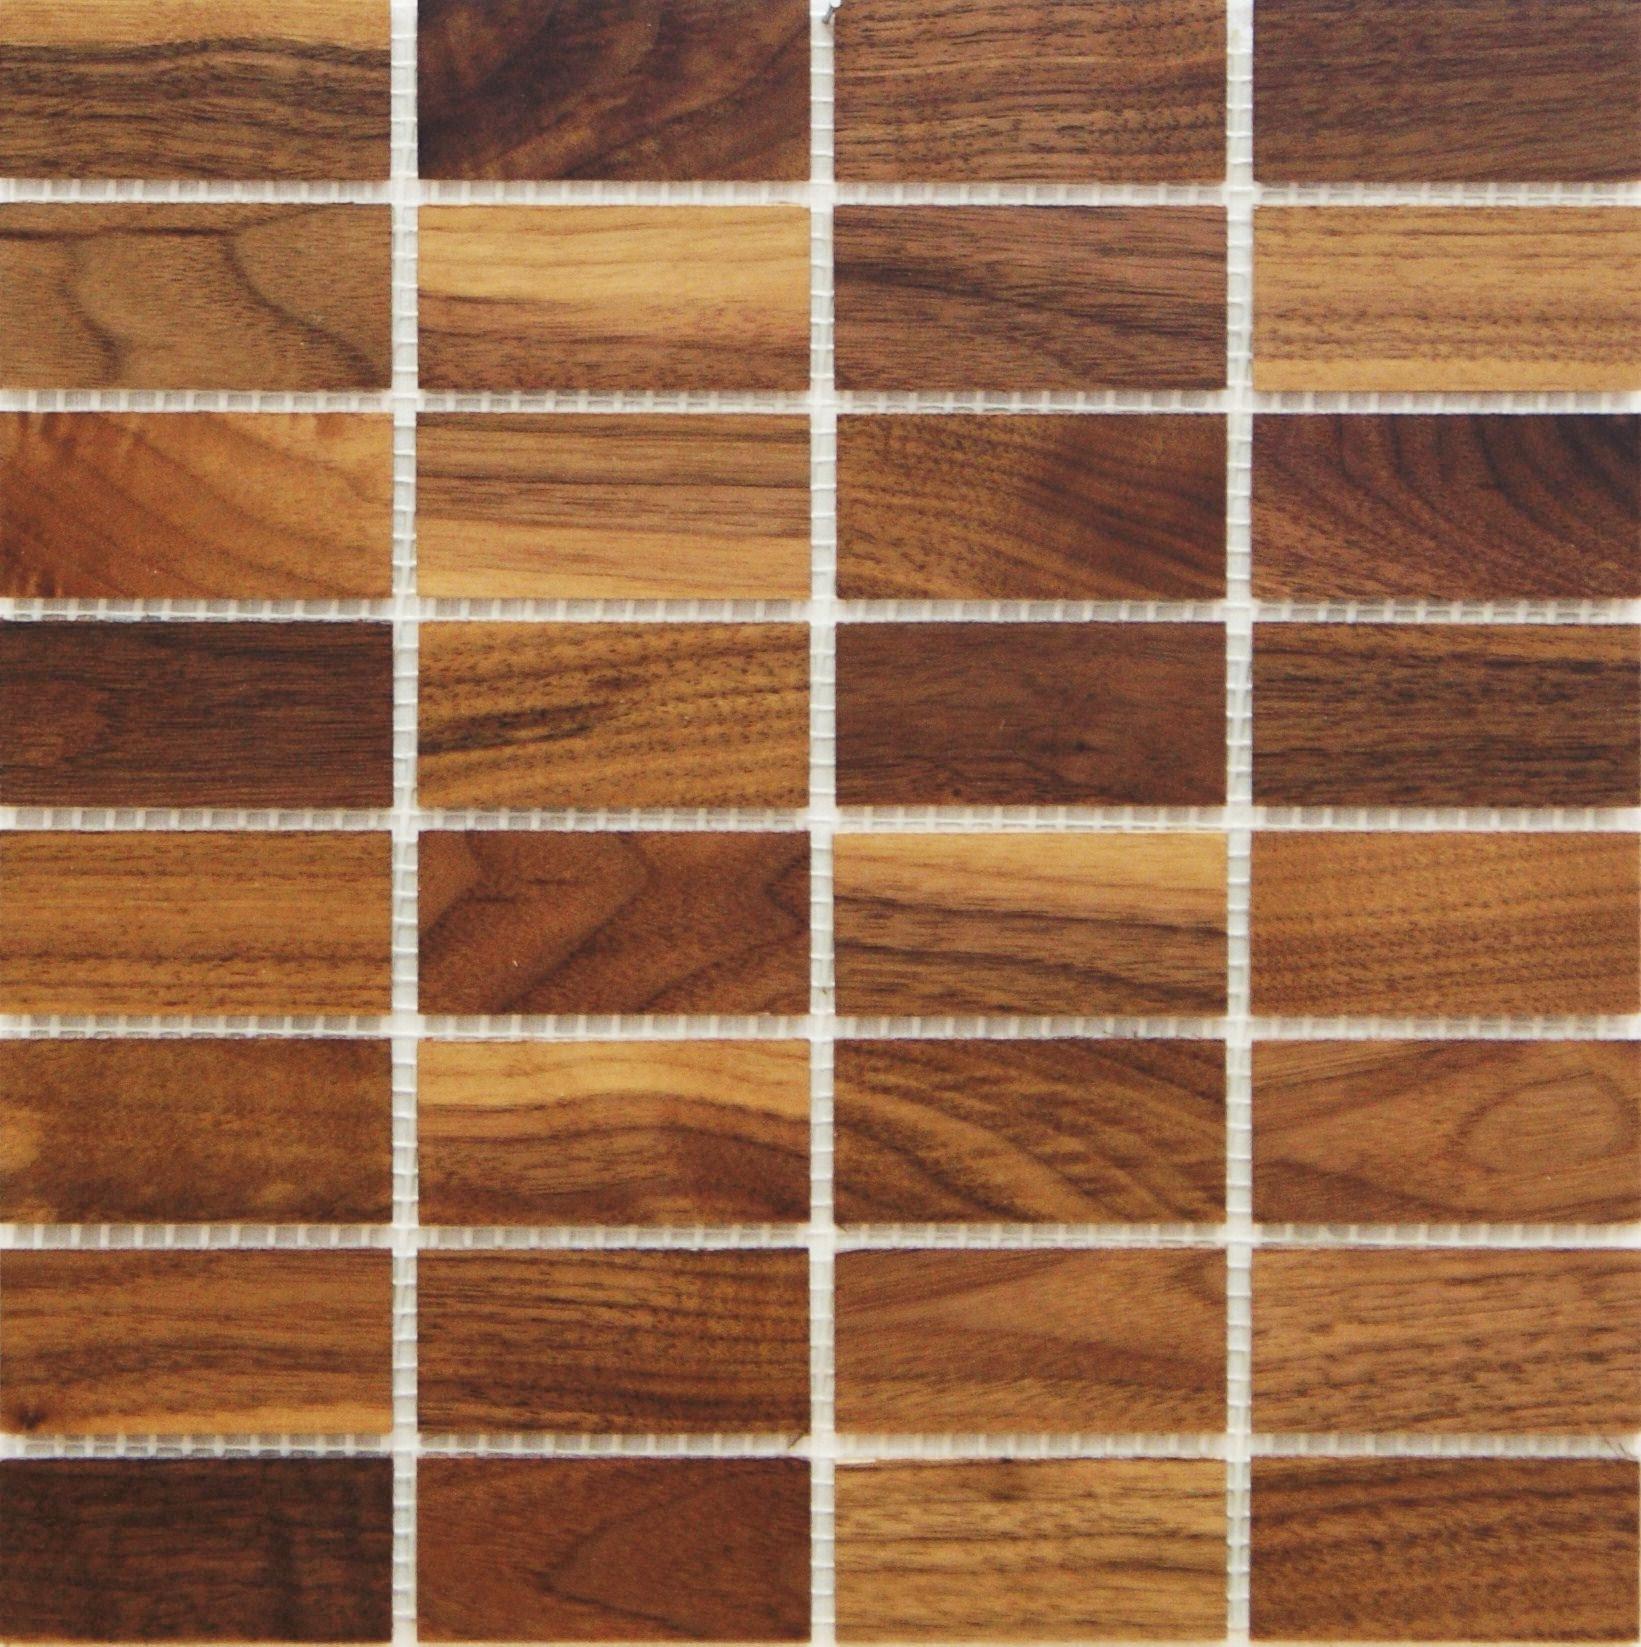 Walnut 33.5mm x 77mm Wood Tile